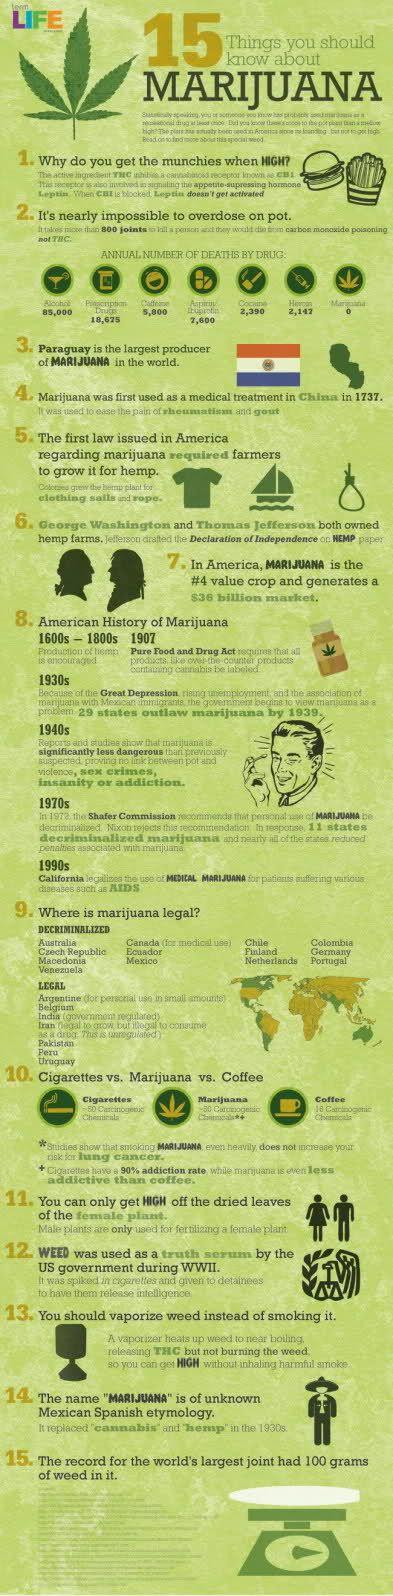 15 Dinge, die ihr über Marihuana wissen solltet on http://www.drlima.net